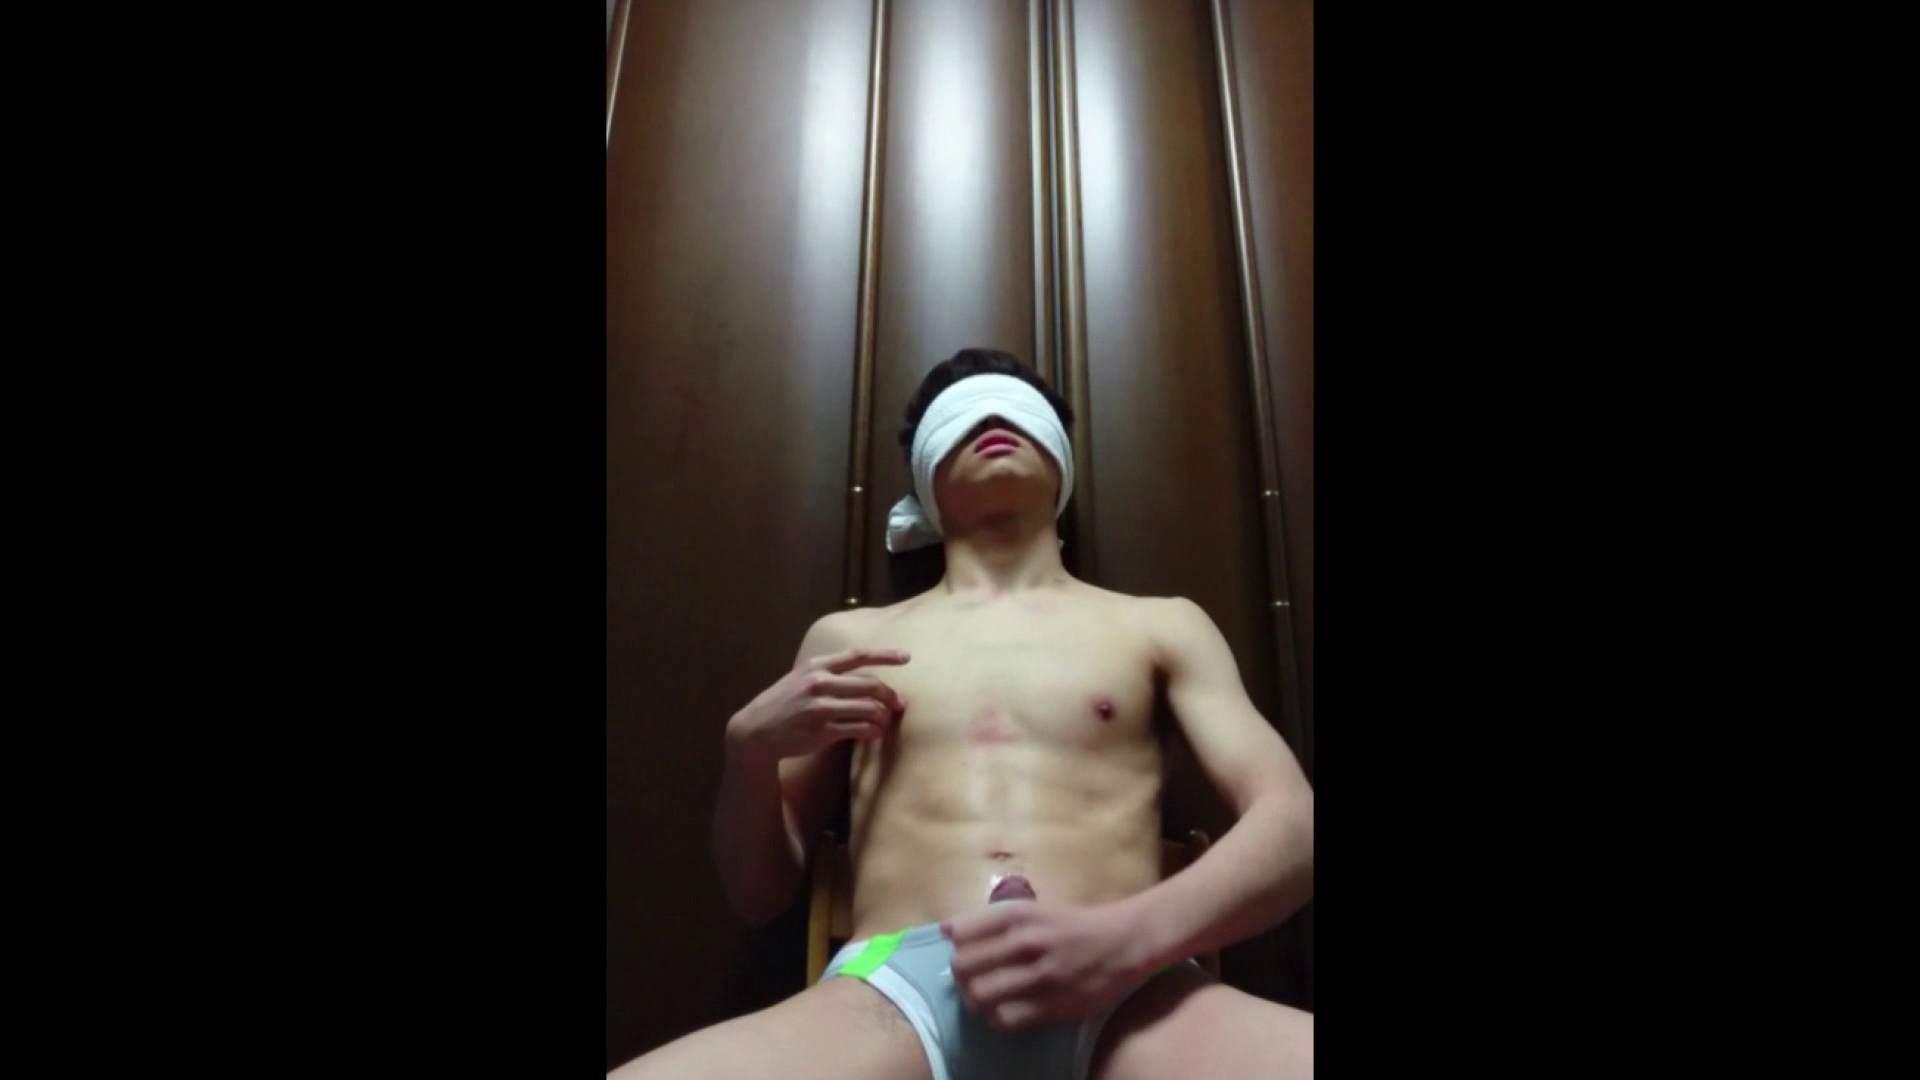 個人撮影 自慰の極意 Vol.21 個人撮影 ゲイエロ動画 93pic 15